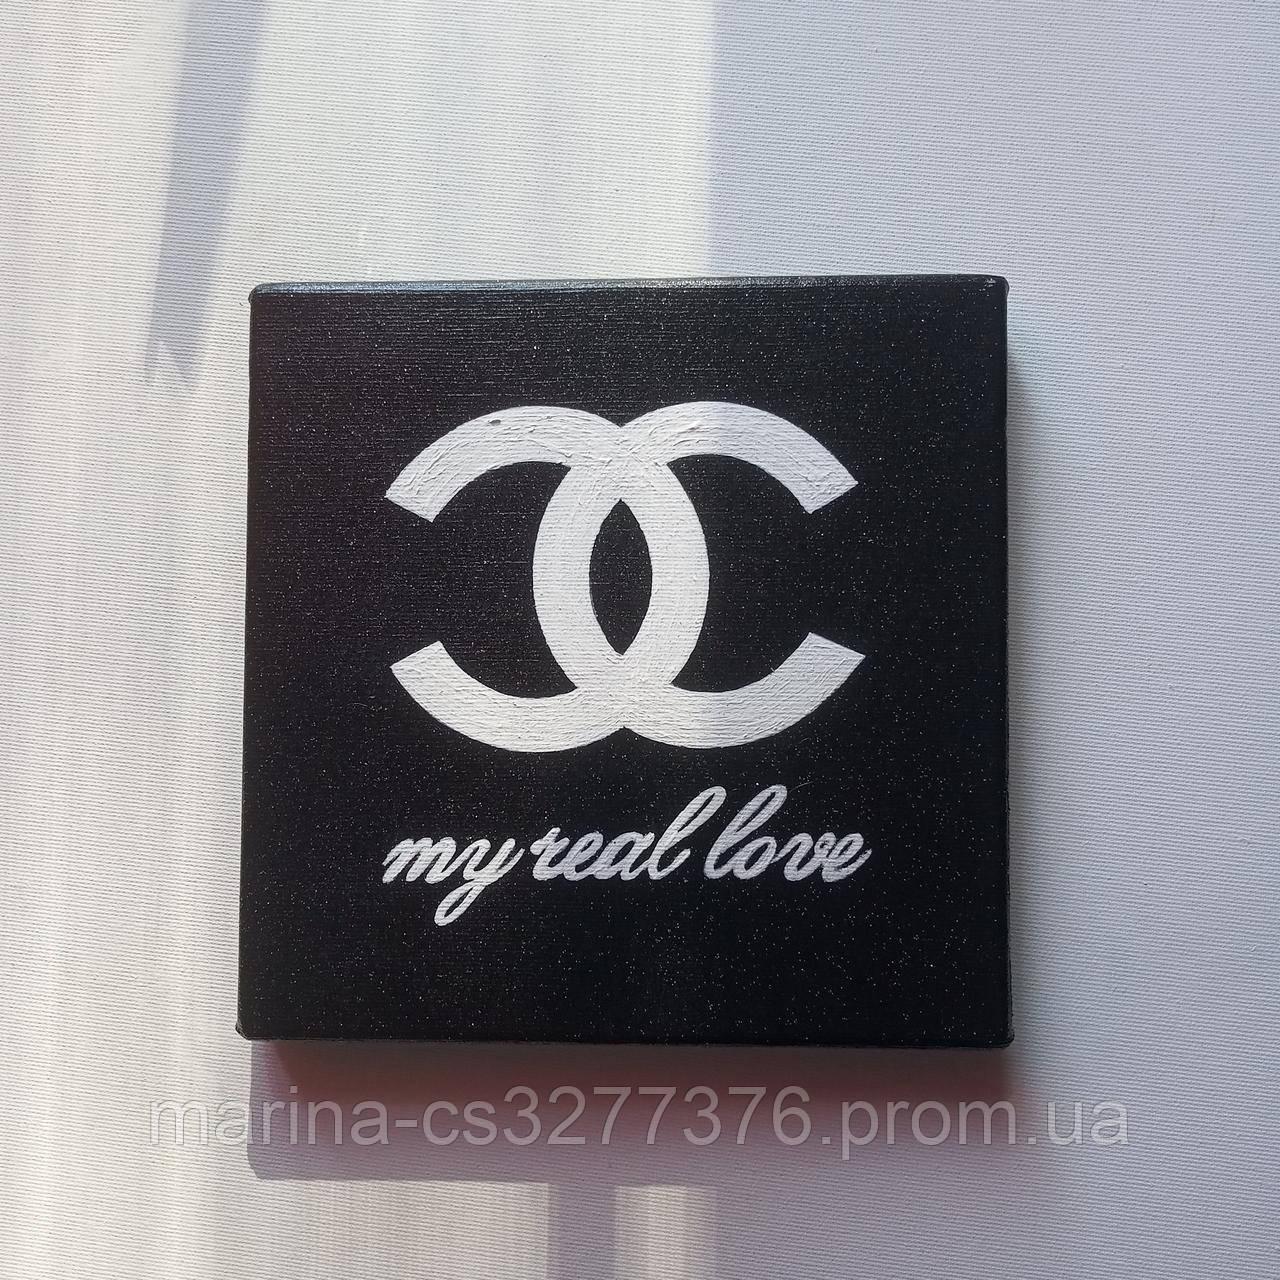 МИНИ картина с блестками Шанель моя настоящая любовь 20х20 см холст акрил галерейная натяжка поп-арт